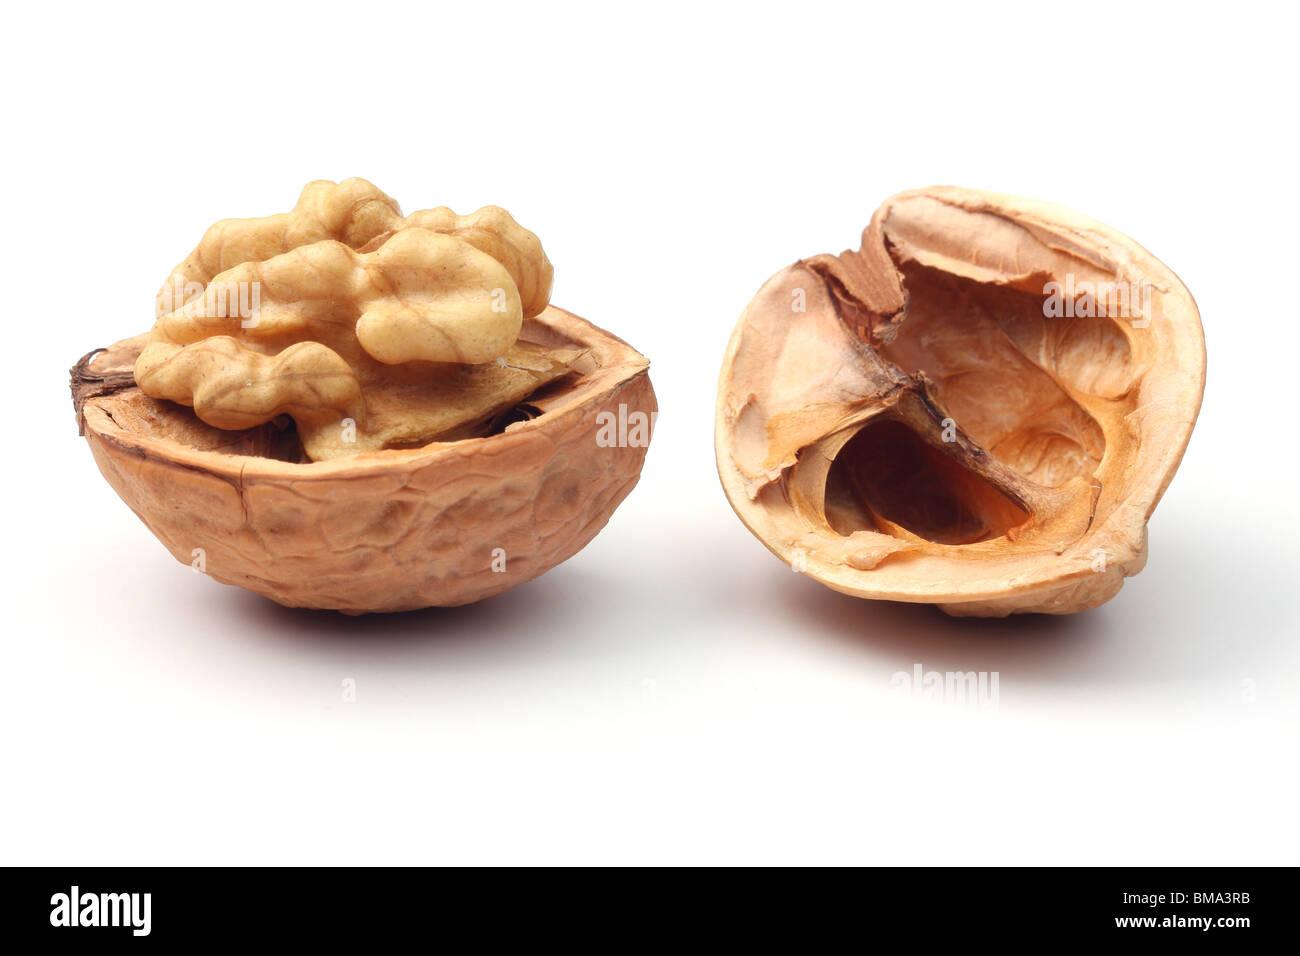 Walnut against white background - Stock Image